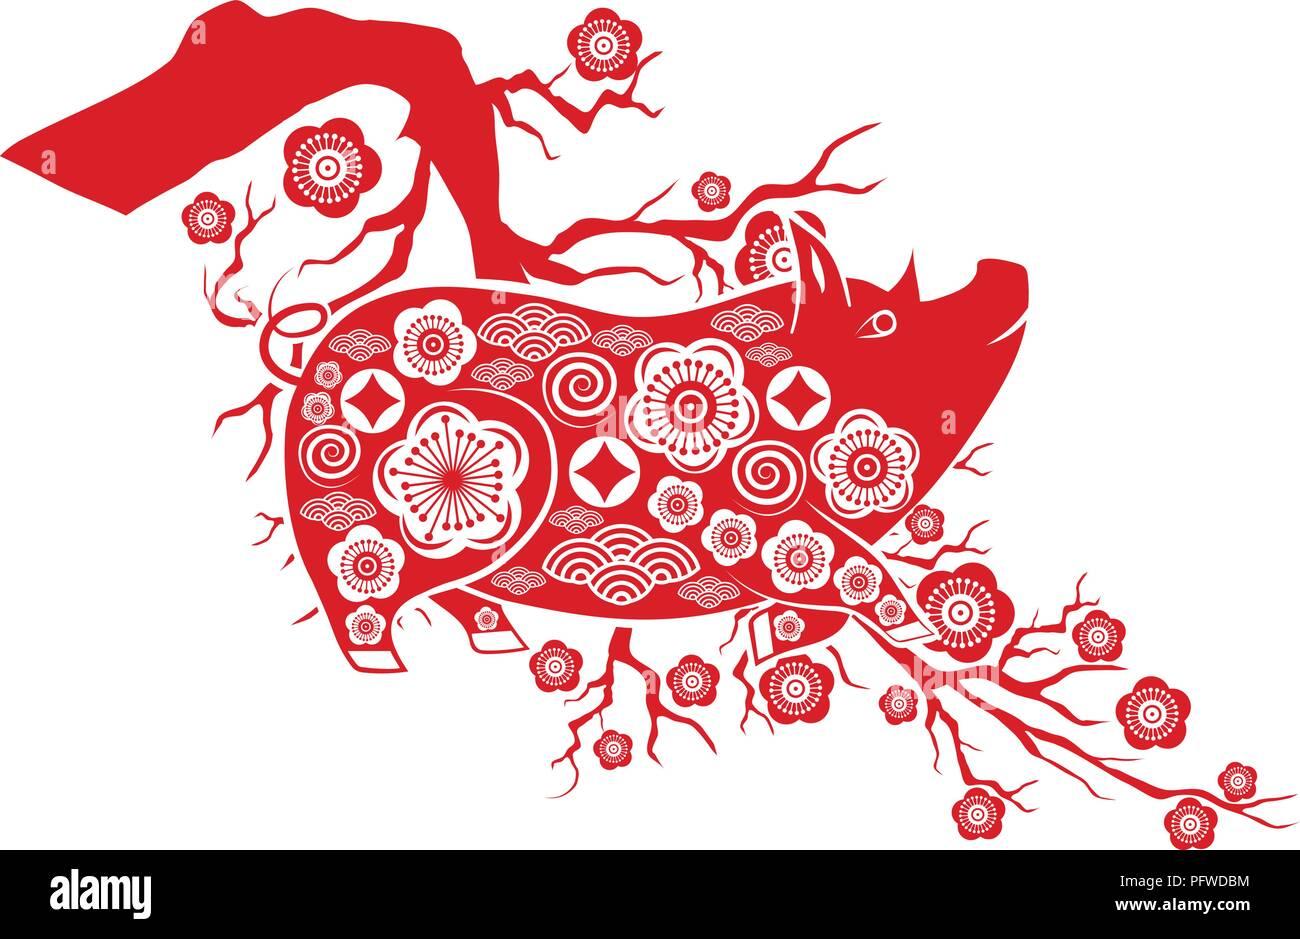 Happy Chinese New Year 2019 Jahr des Schweins Neujahrsfest Vektor ...